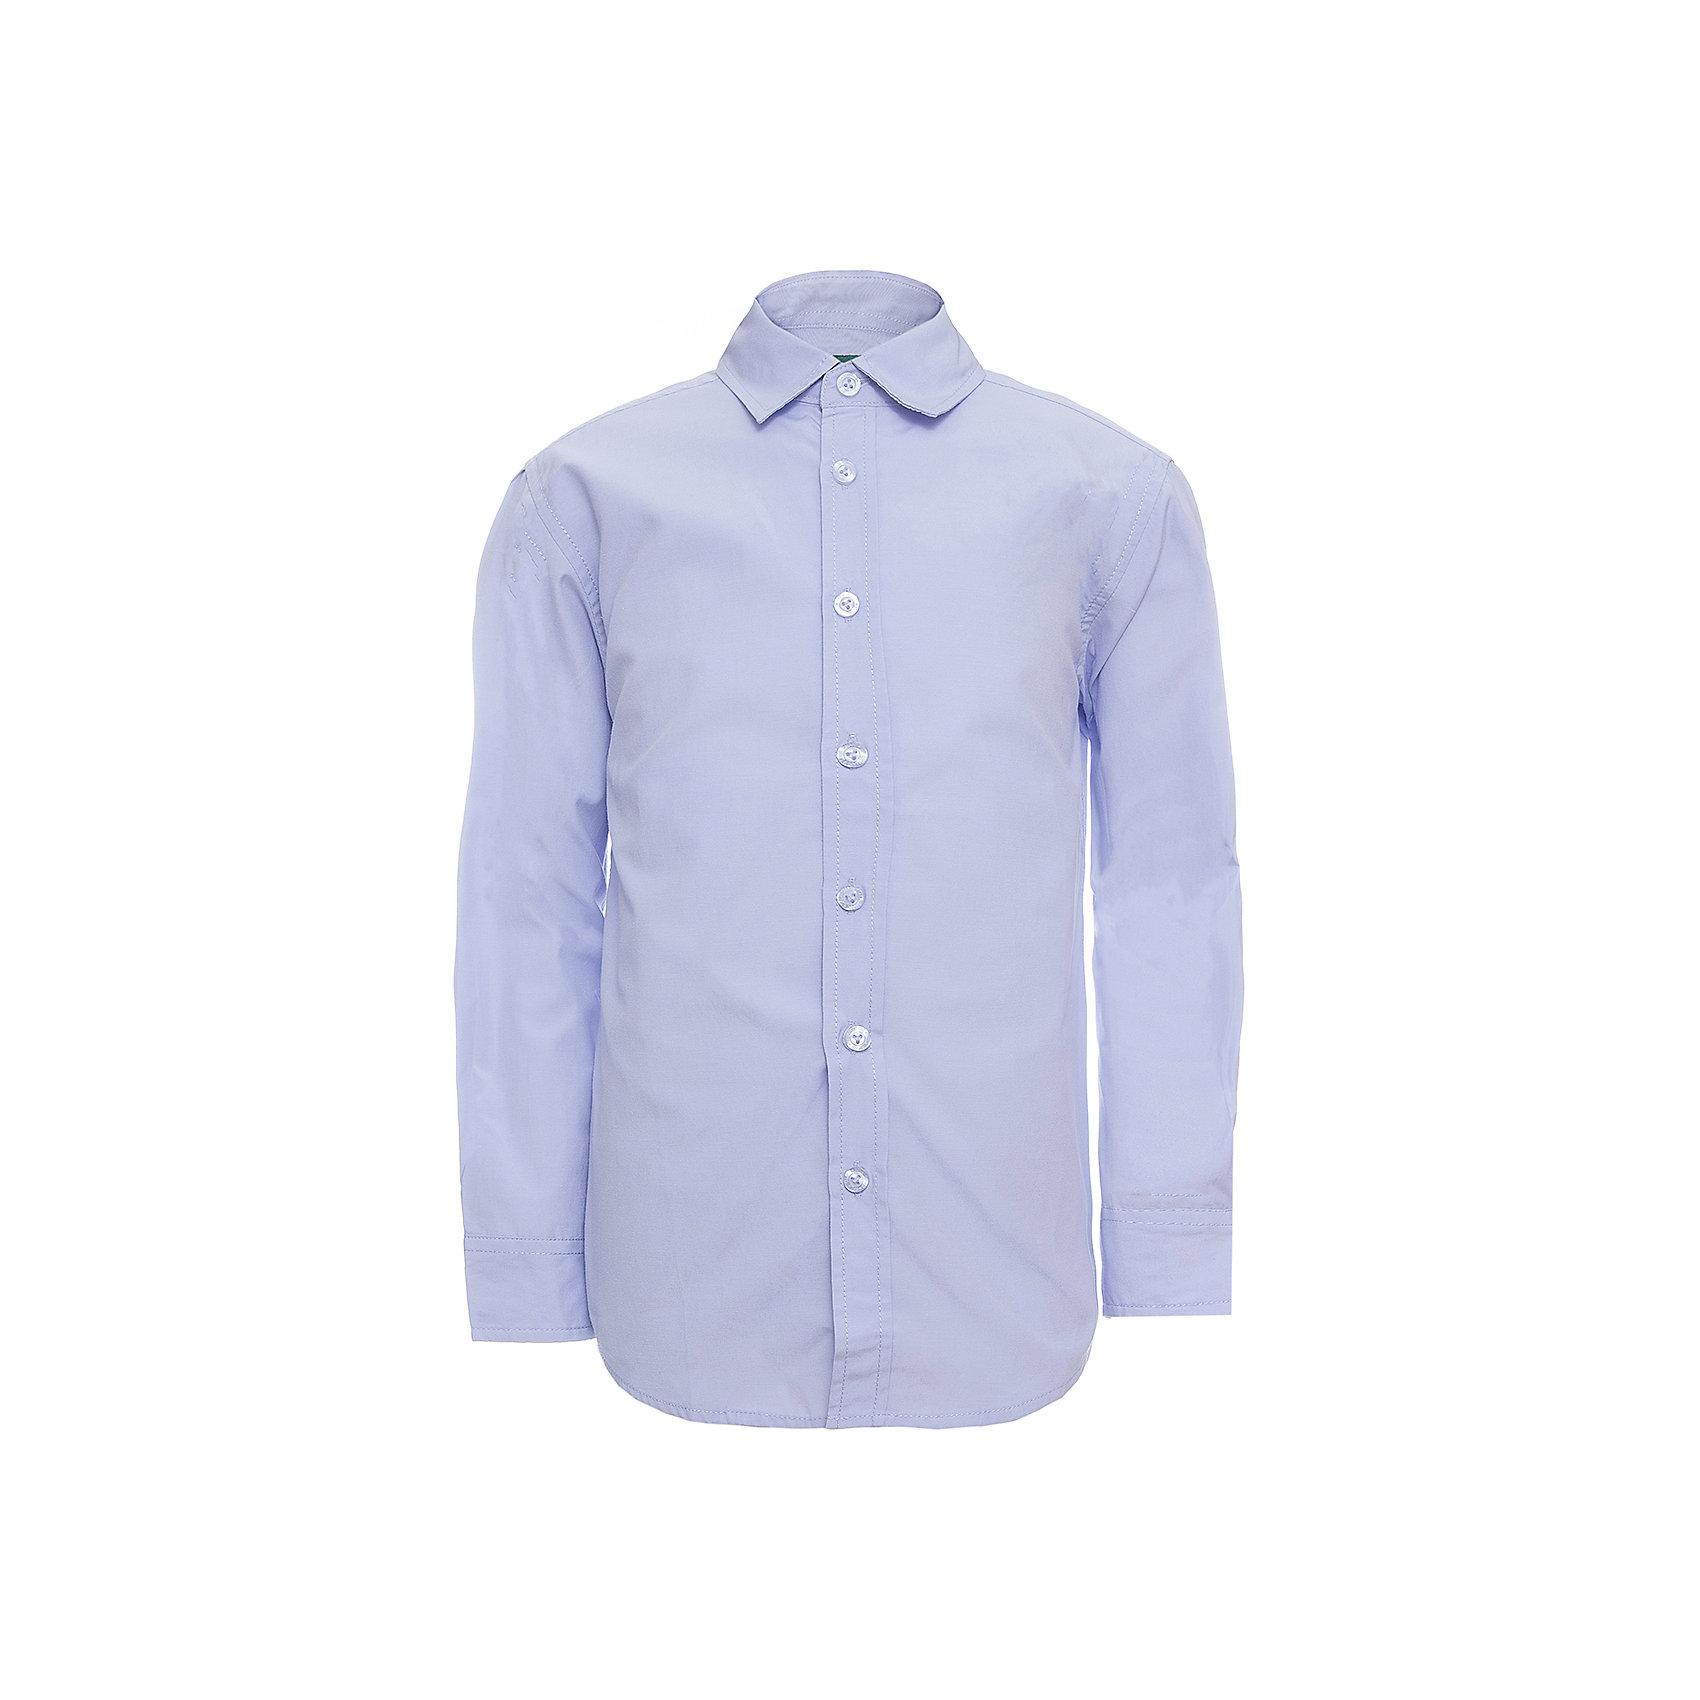 Рубашка SELA для мальчикаБлузки и рубашки<br>Рубашка SELA для мальчика<br>Состав:<br>60% хлопок, 40% ПЭ<br><br>Ширина мм: 174<br>Глубина мм: 10<br>Высота мм: 169<br>Вес г: 157<br>Цвет: лавандовый<br>Возраст от месяцев: 132<br>Возраст до месяцев: 144<br>Пол: Мужской<br>Возраст: Детский<br>Размер: 152,122,128,134,140,146<br>SKU: 7009798